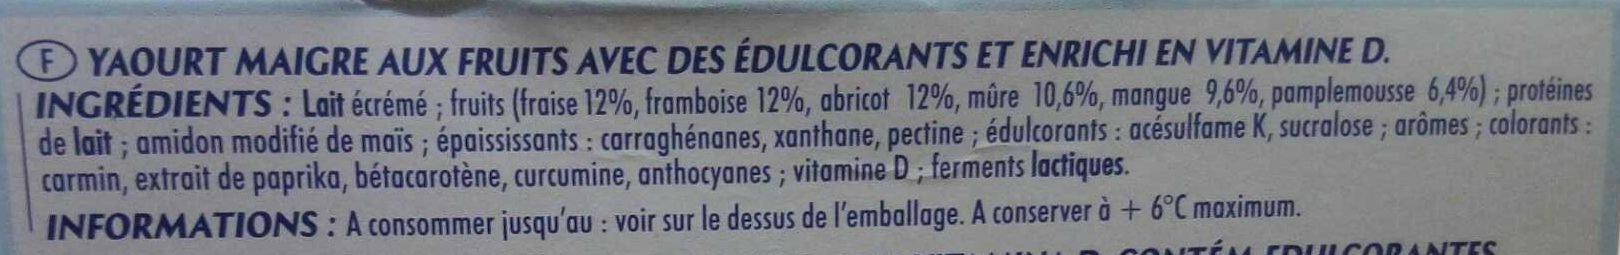 Printiligne Les Fruits (0 % M.G.) - Ingrédients - fr